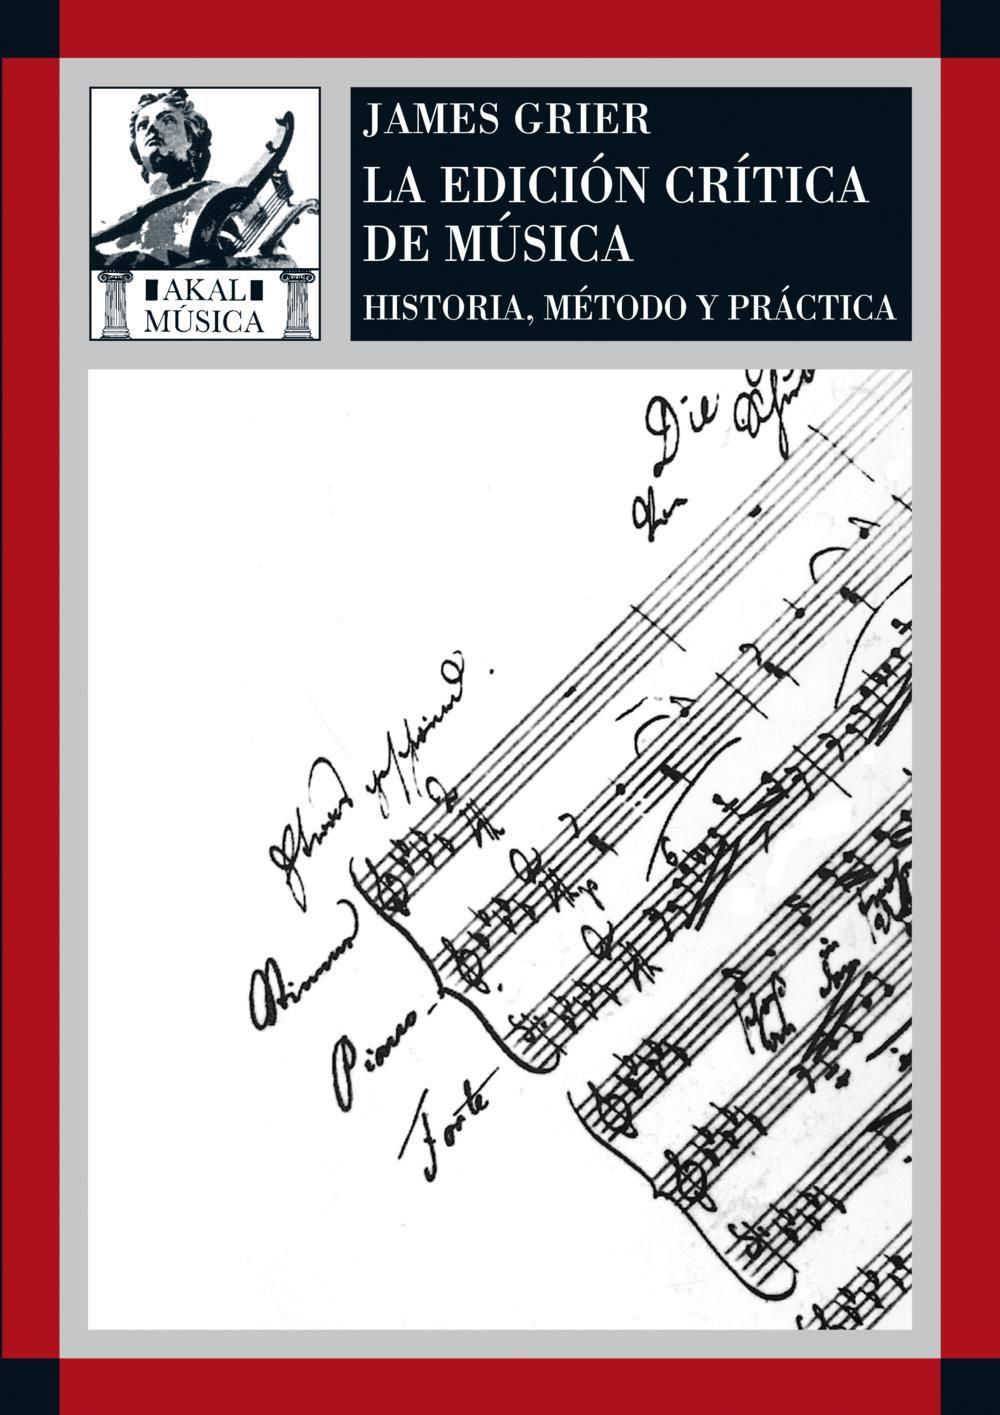 La Edicion Critica De La Musica: Historia Metodo Y Practica - Grier James